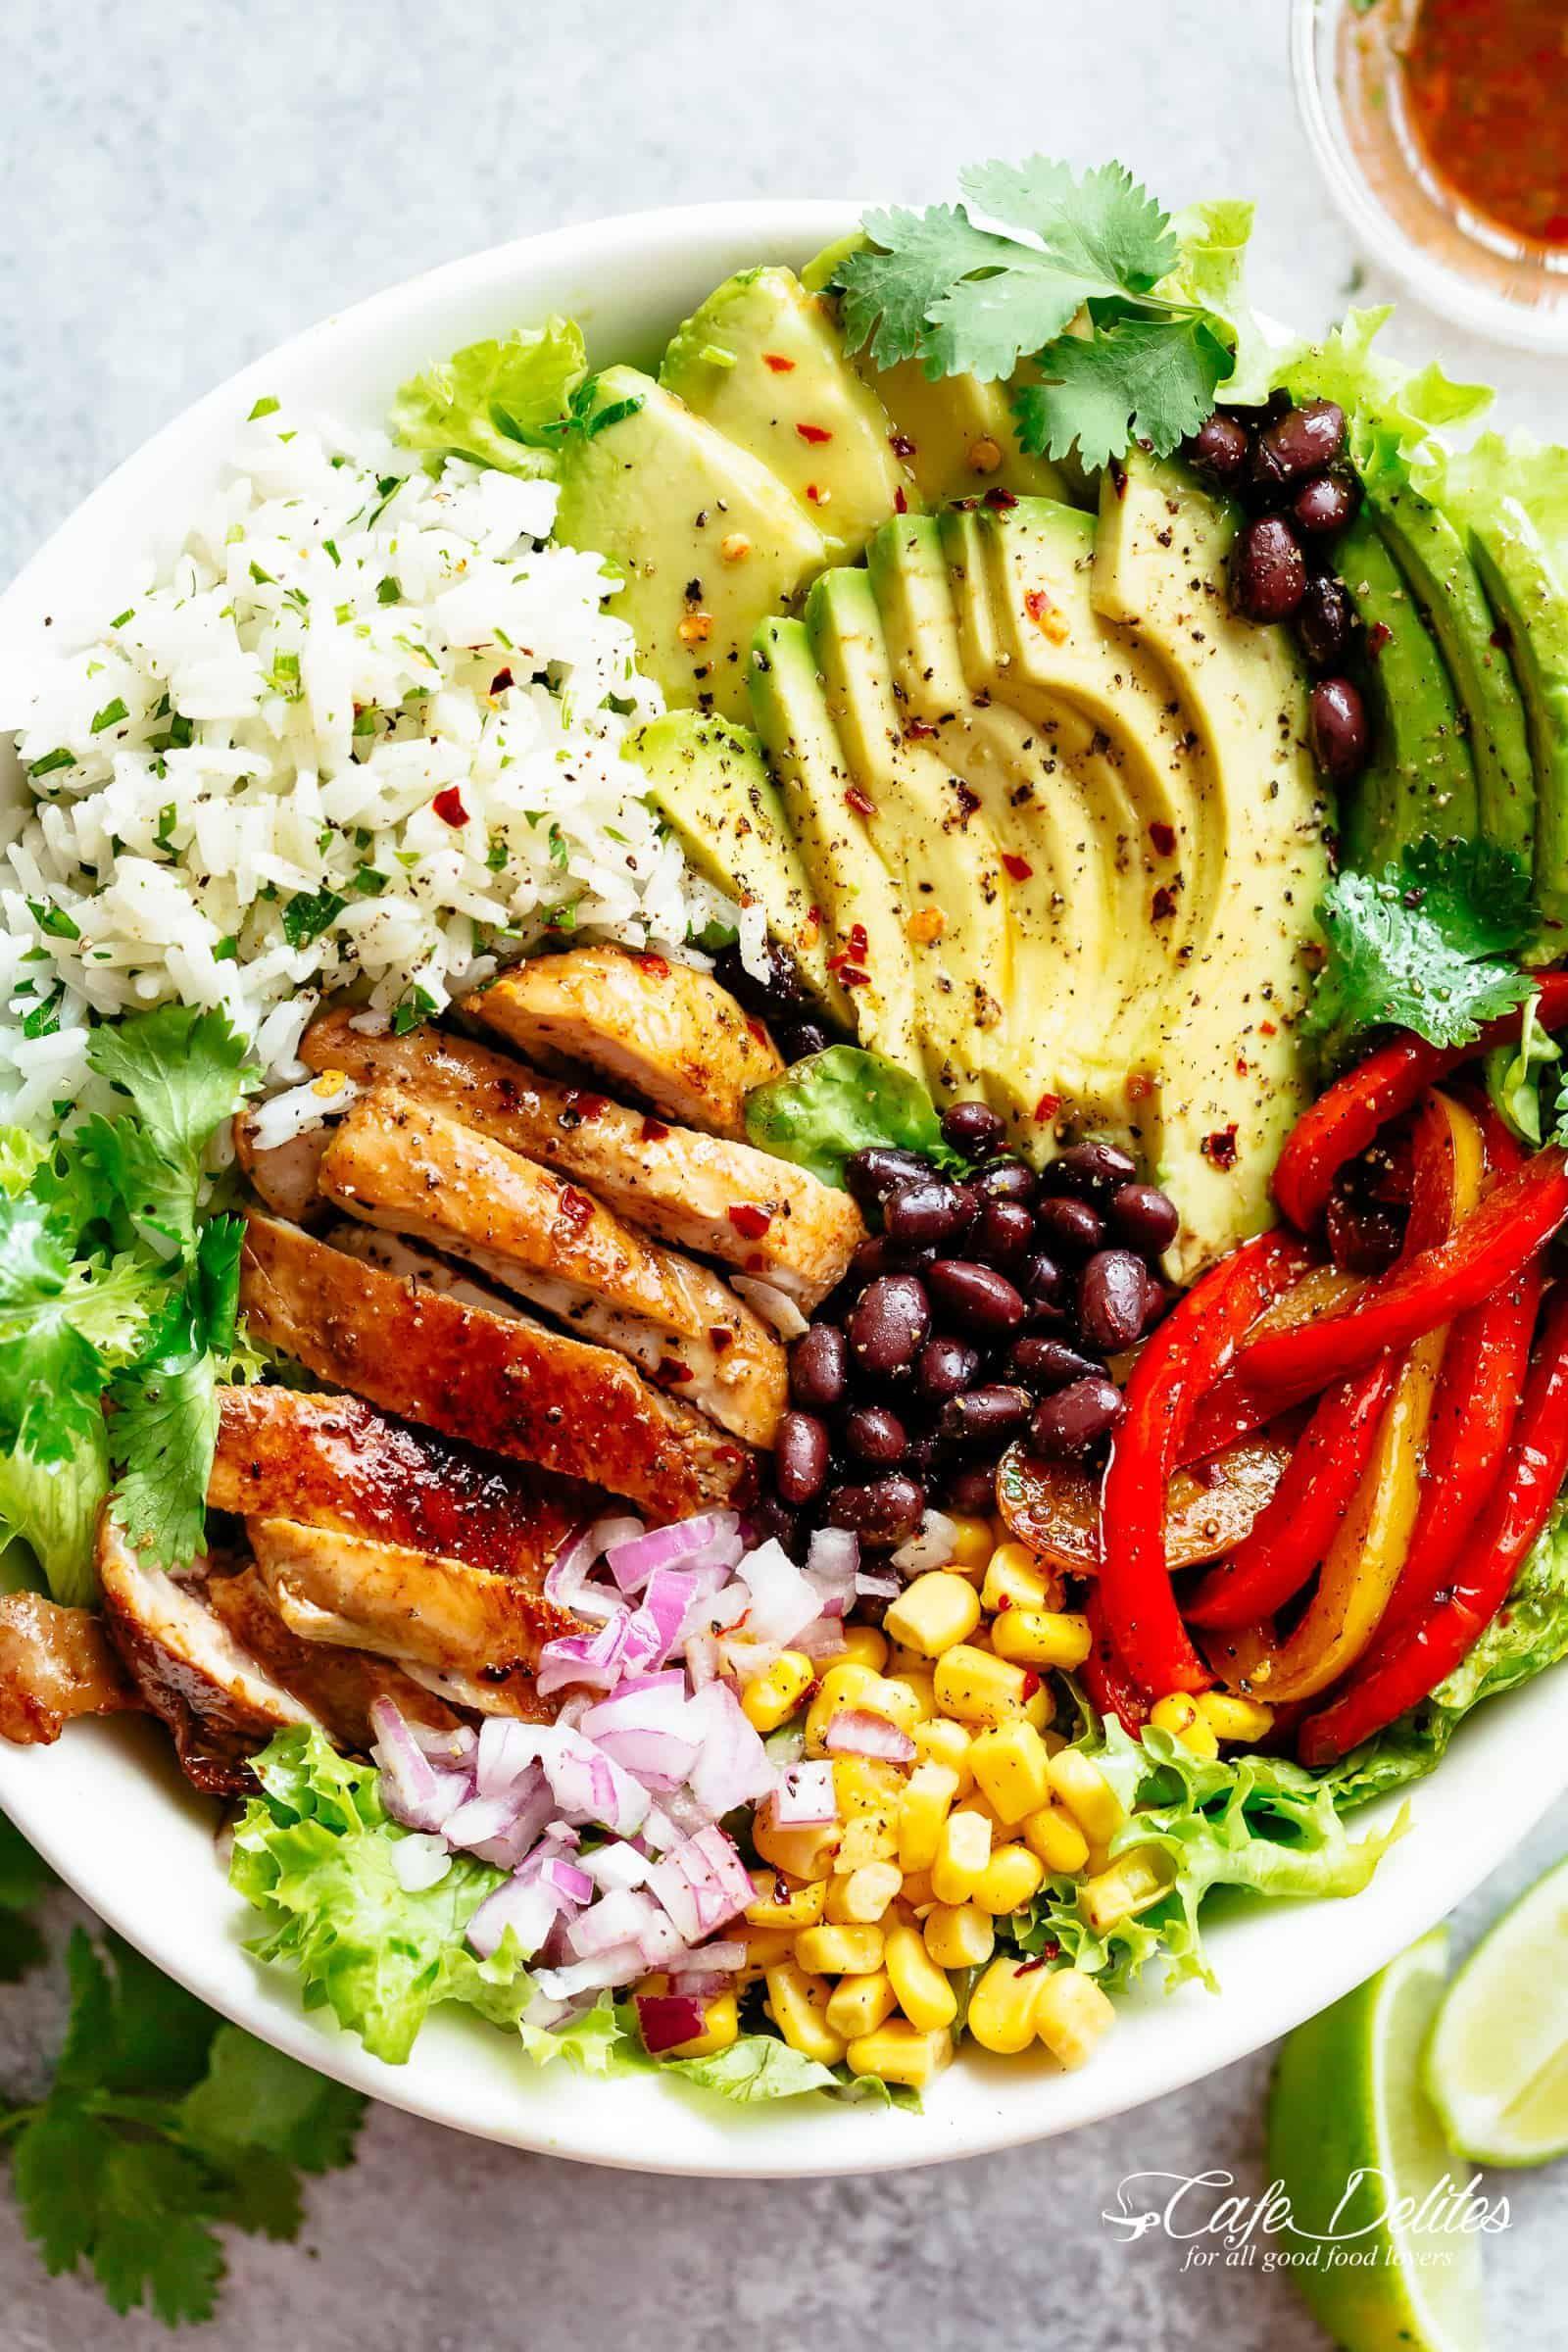 Fajita chicken burrito bowl cafe delites in 2020